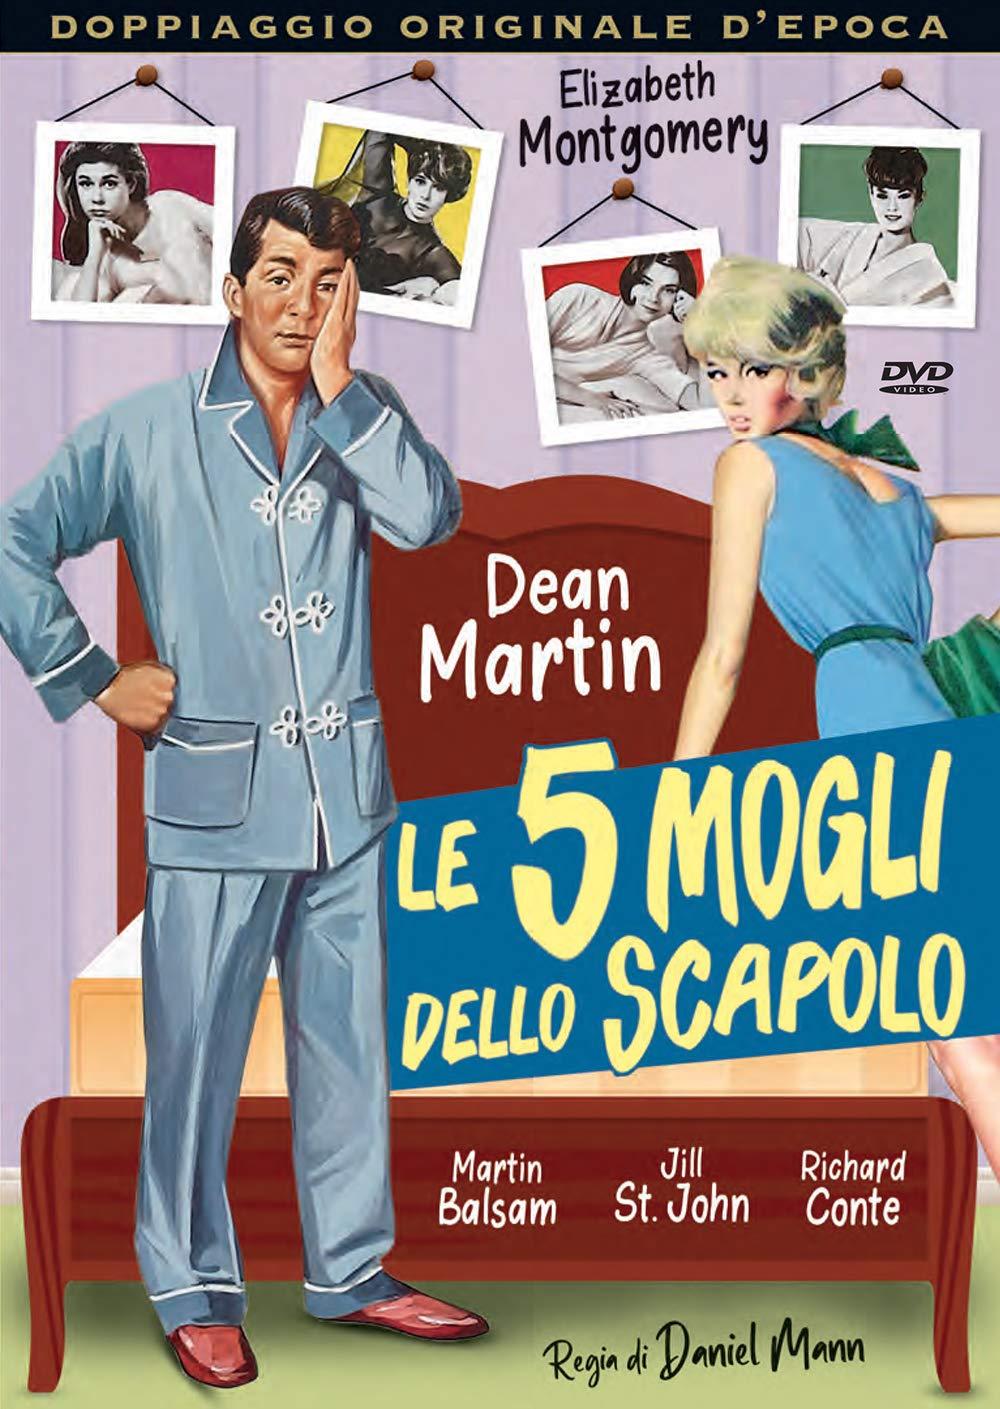 LE 5 MOGLI DELLO SCAPOLO (DVD)